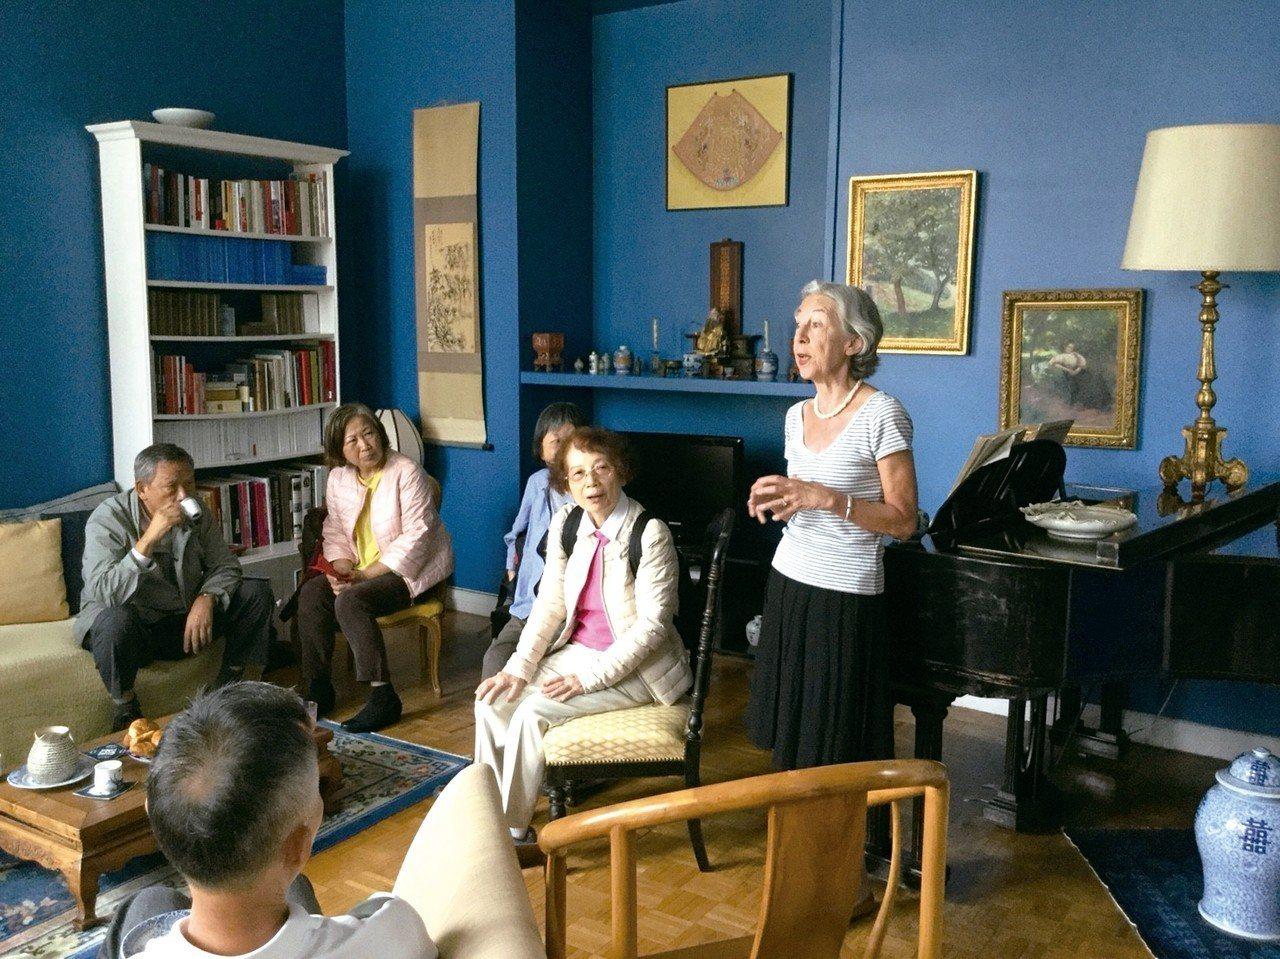 巴黎城居女漢學家,分享期耕耘東方文學多年經歷。 圖/有行旅提供